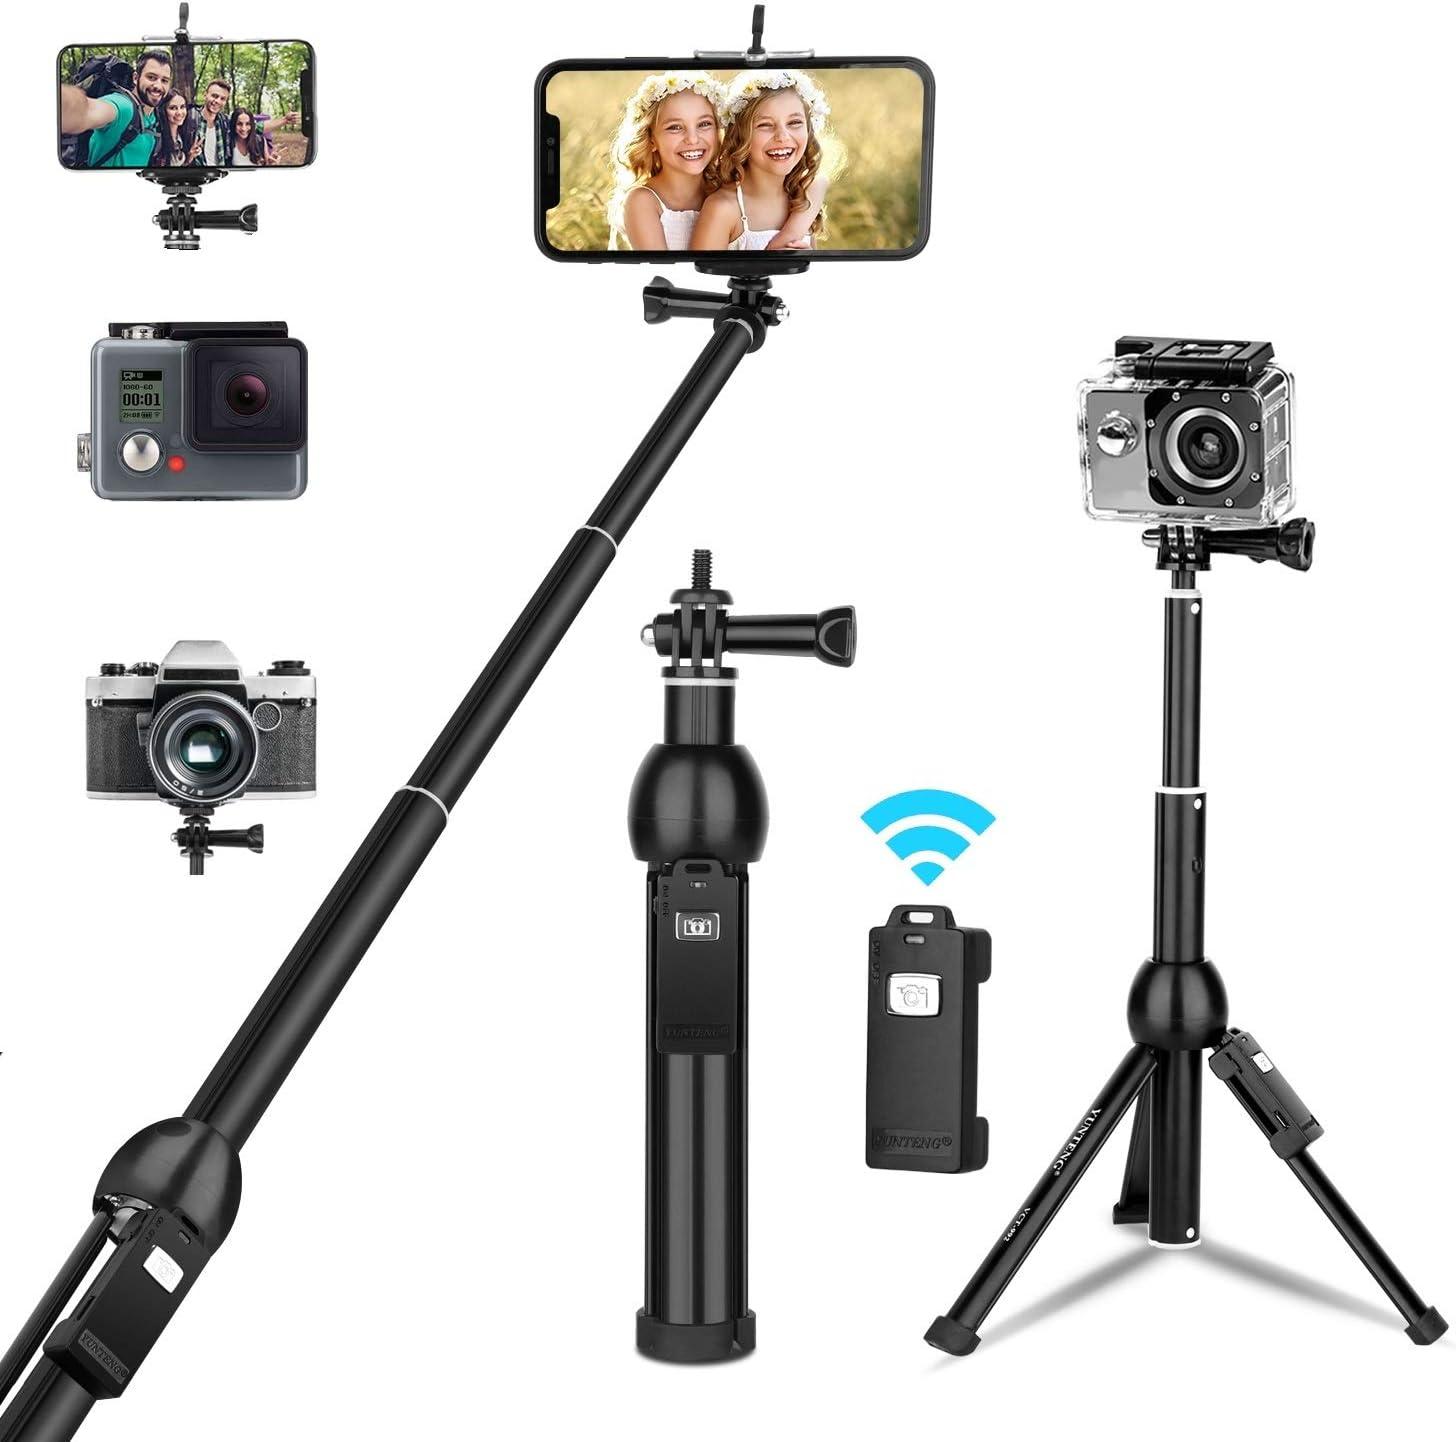 TAESOUW-Accessories Aluminum Tripod Flexible Portable Camera Tripod Stand Tripe with Ball Head for DSLR Camera Smartphones Color : Orange, Size : One Size